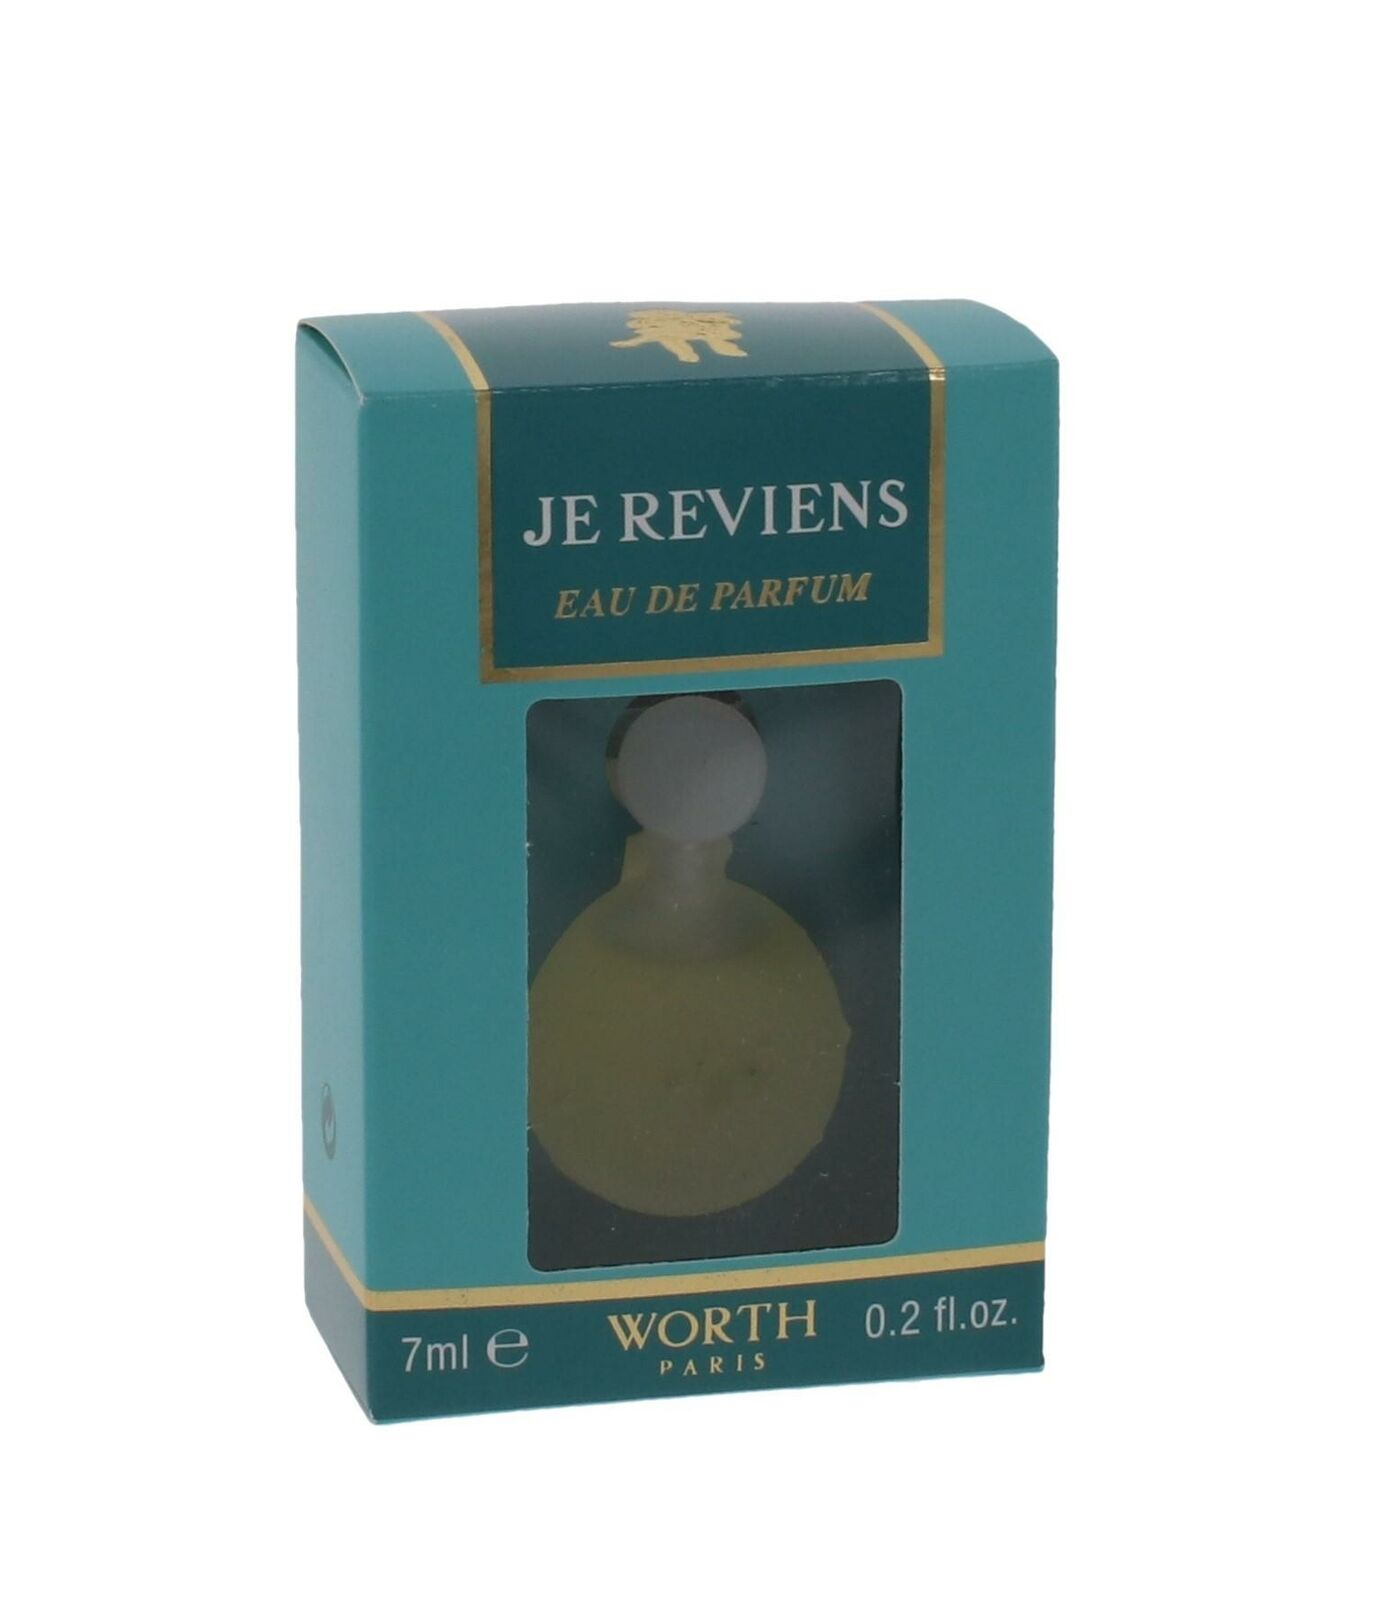 Worth Paris Je Reviens Eau de Parfum - 7ml